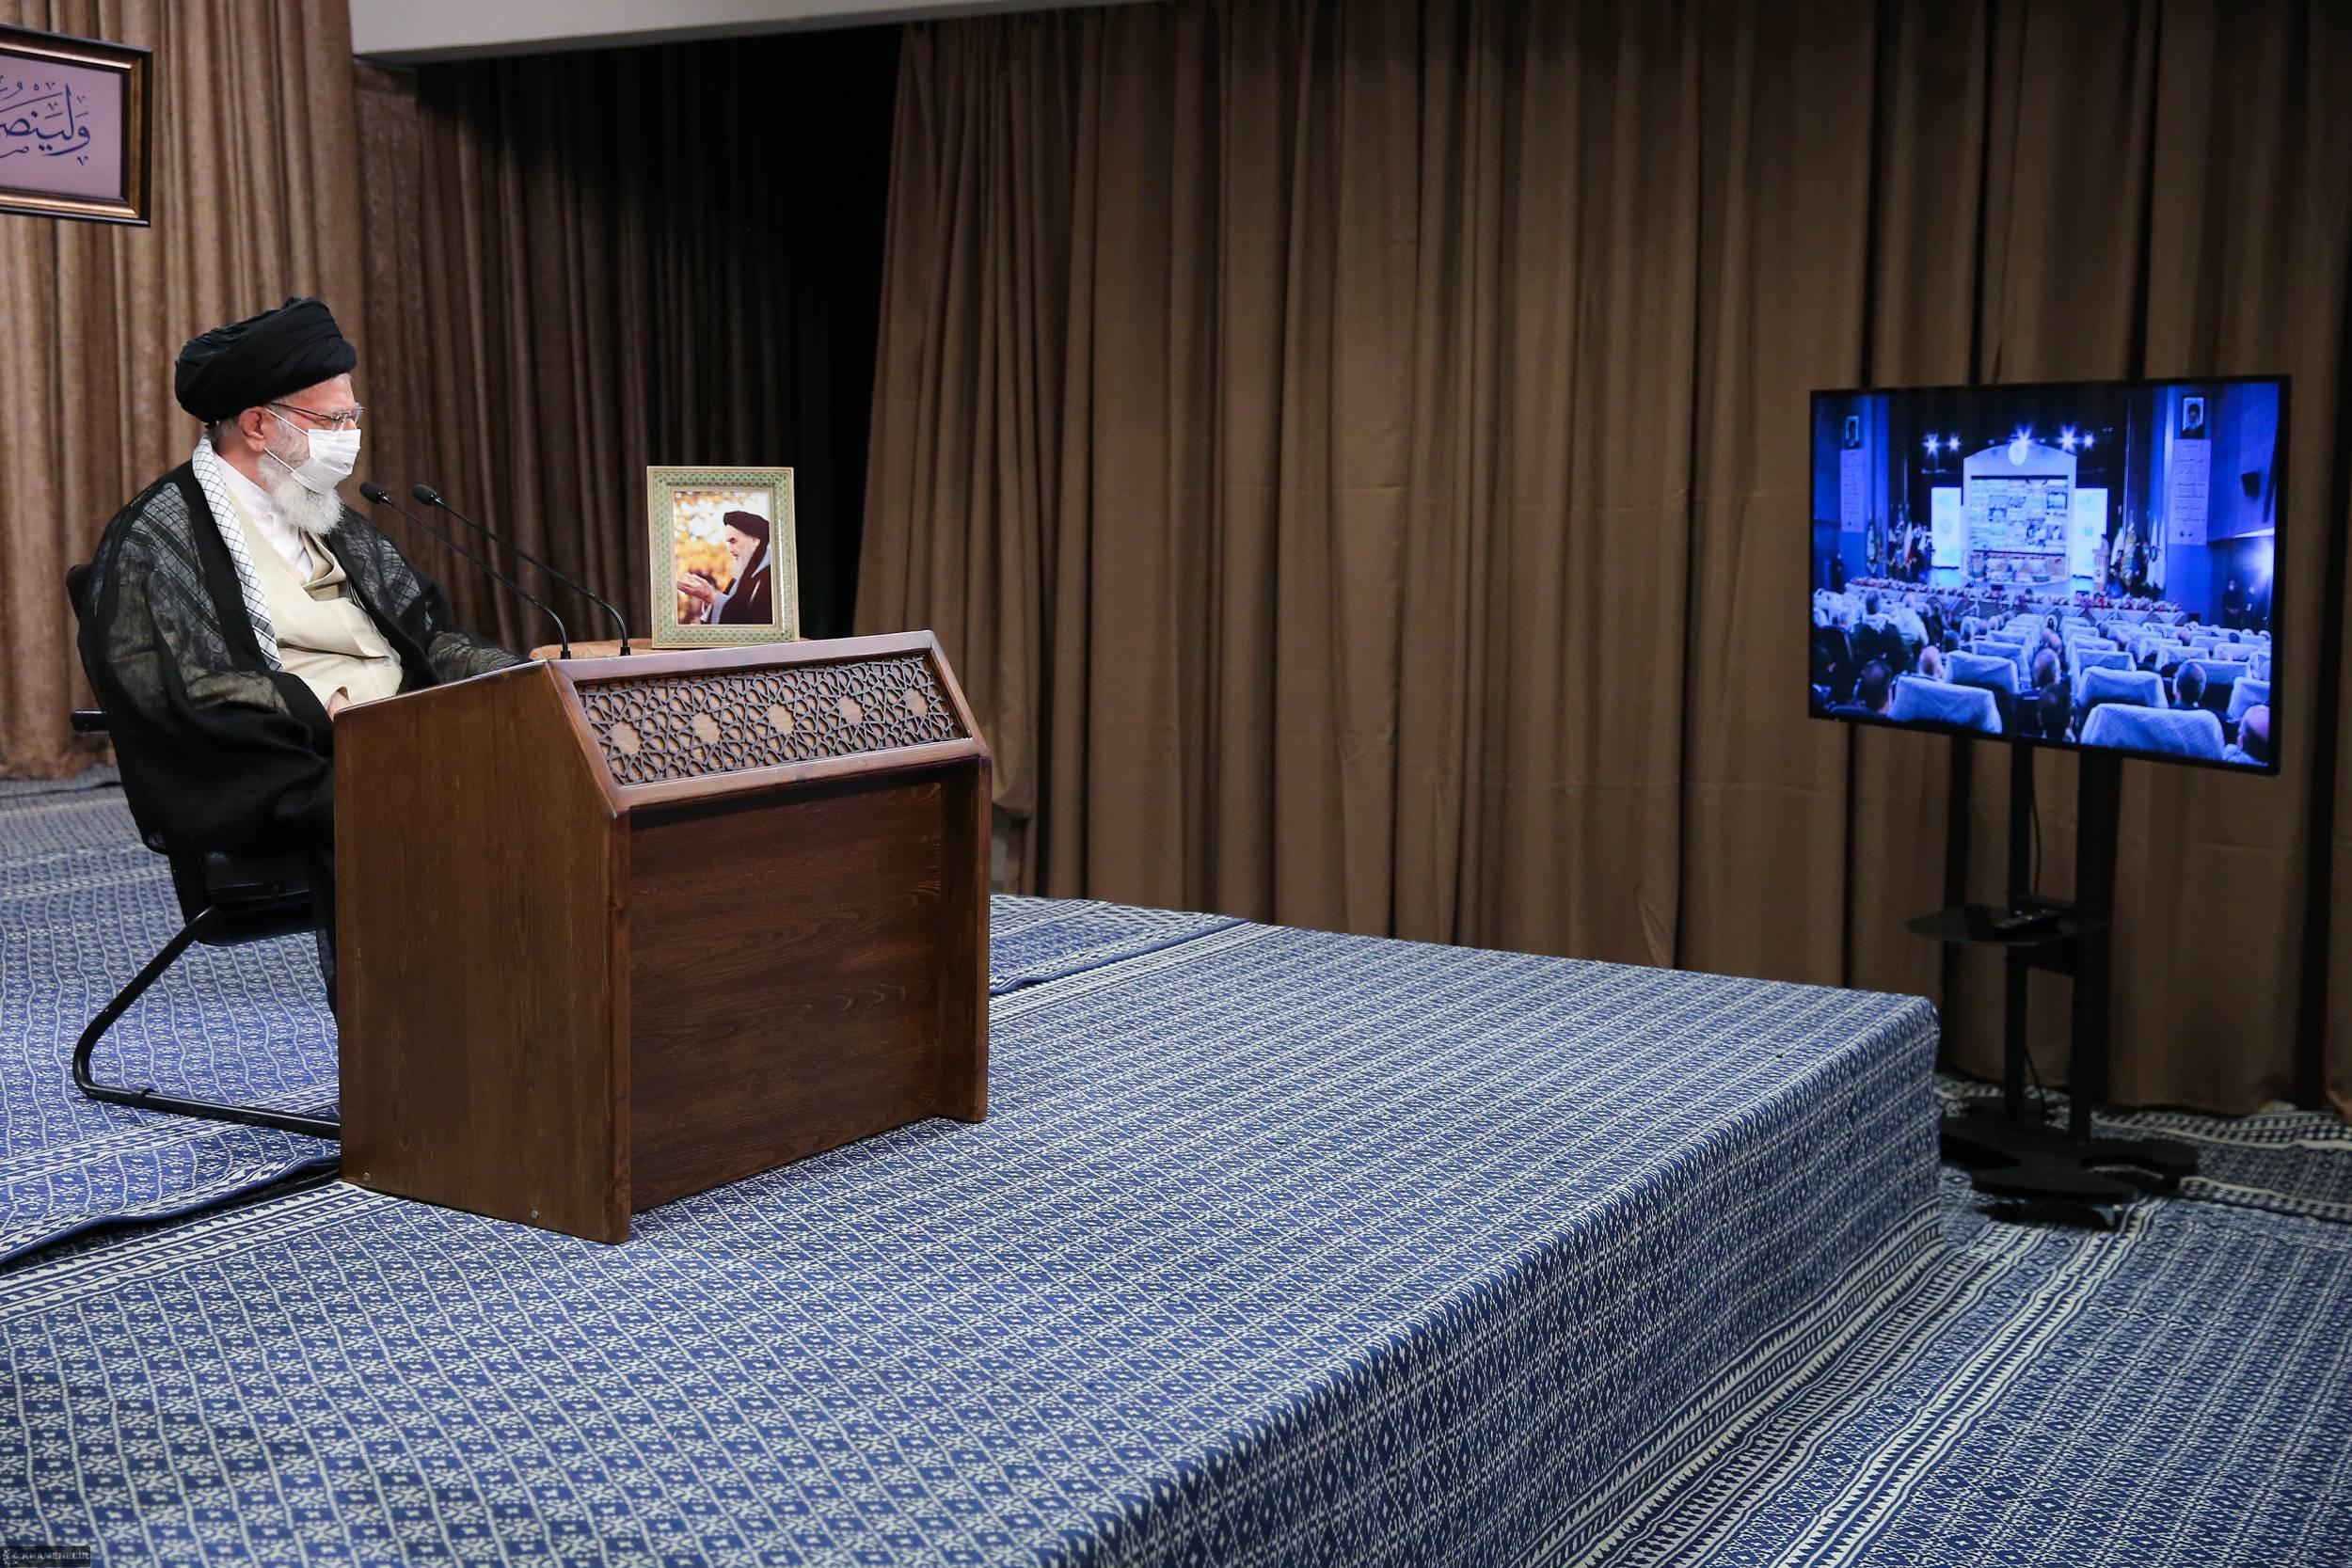 سخنرانی تلویزیونی رهبر انقلاب در آئین تجلیل از پیشکسوتان دفاع مقدس